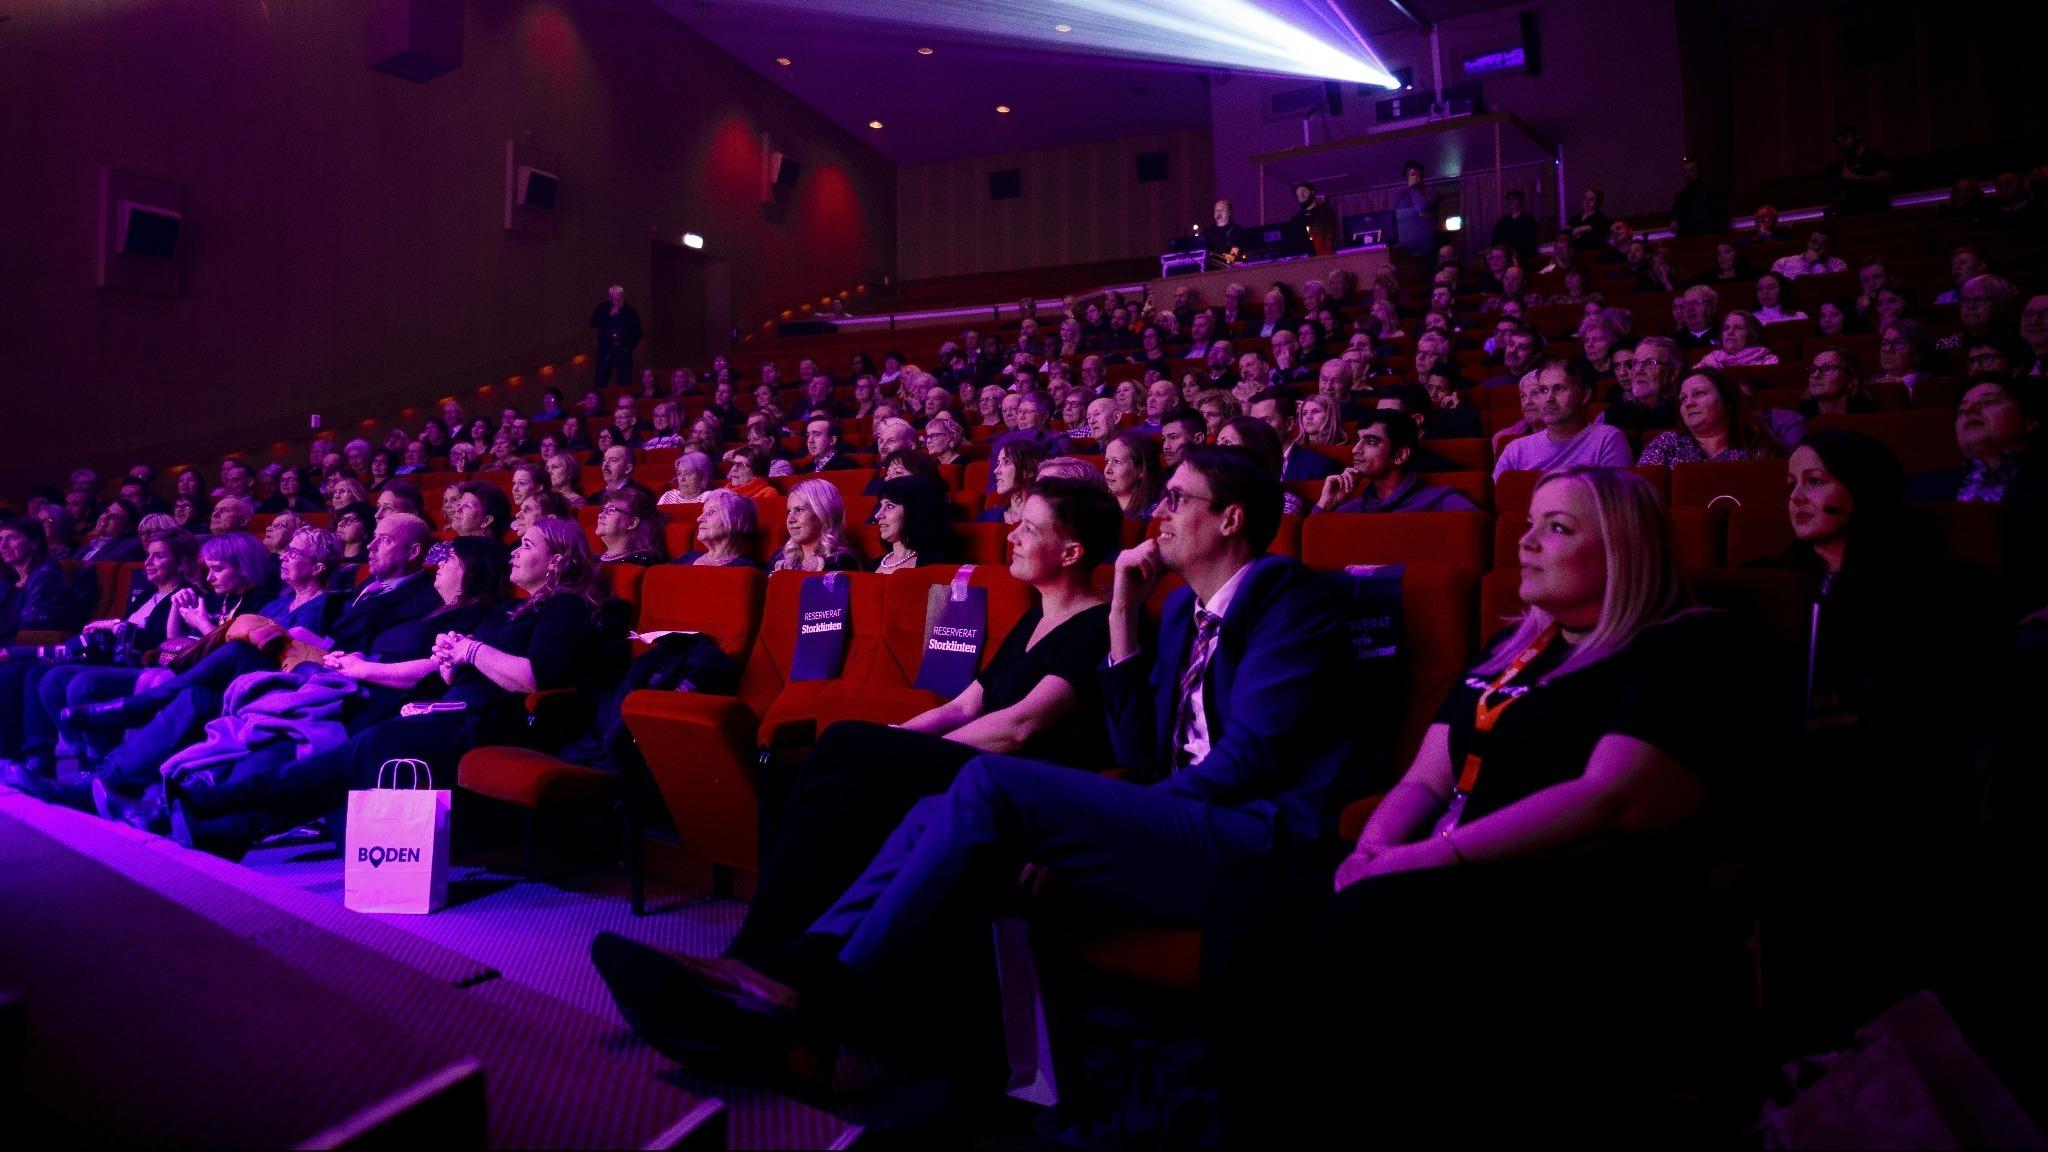 en stor mängd människor sitter i biograf och tittar mot skärmen.